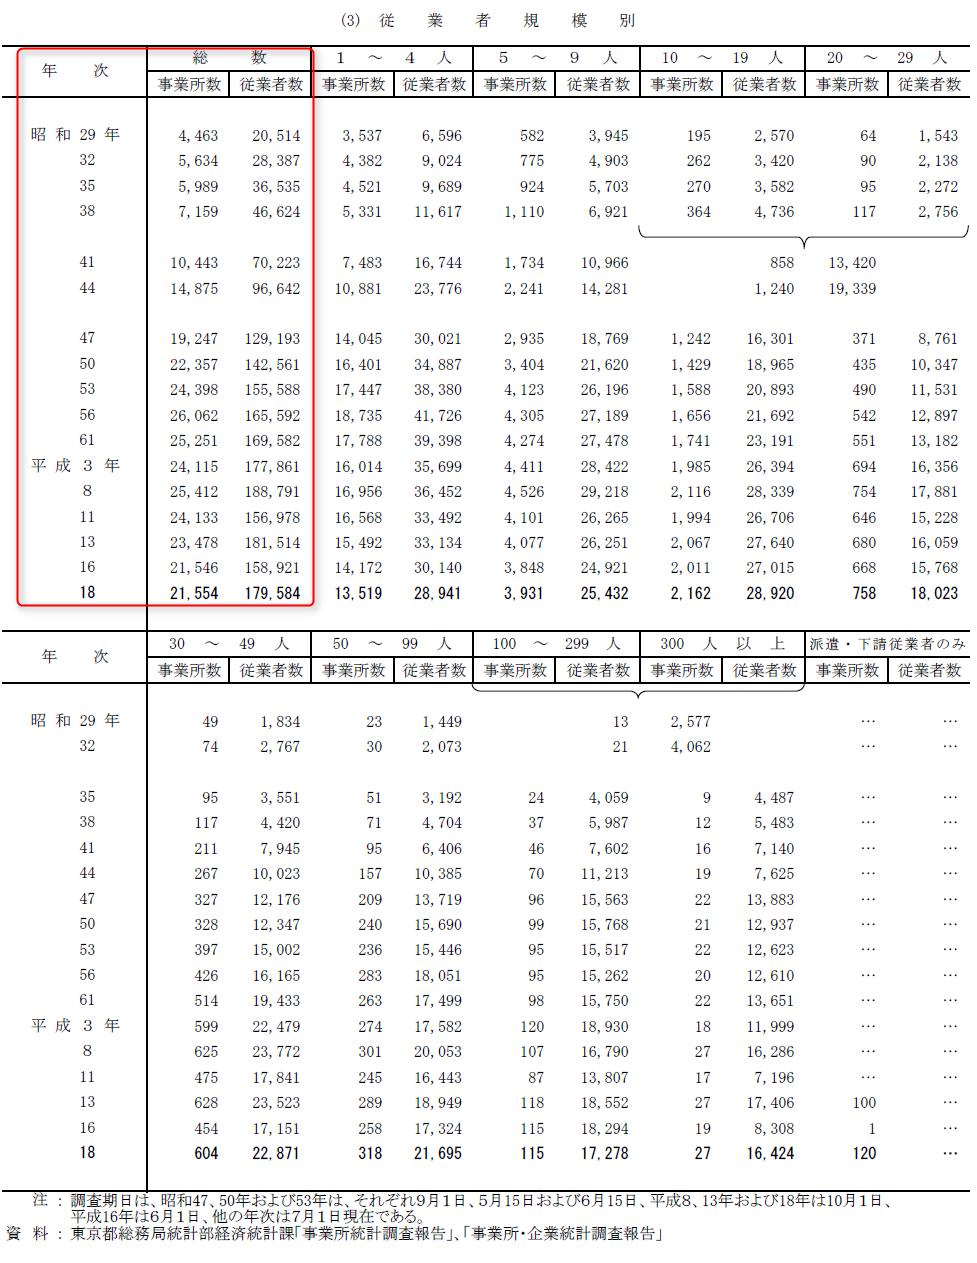 練馬区の事業所の数の推移